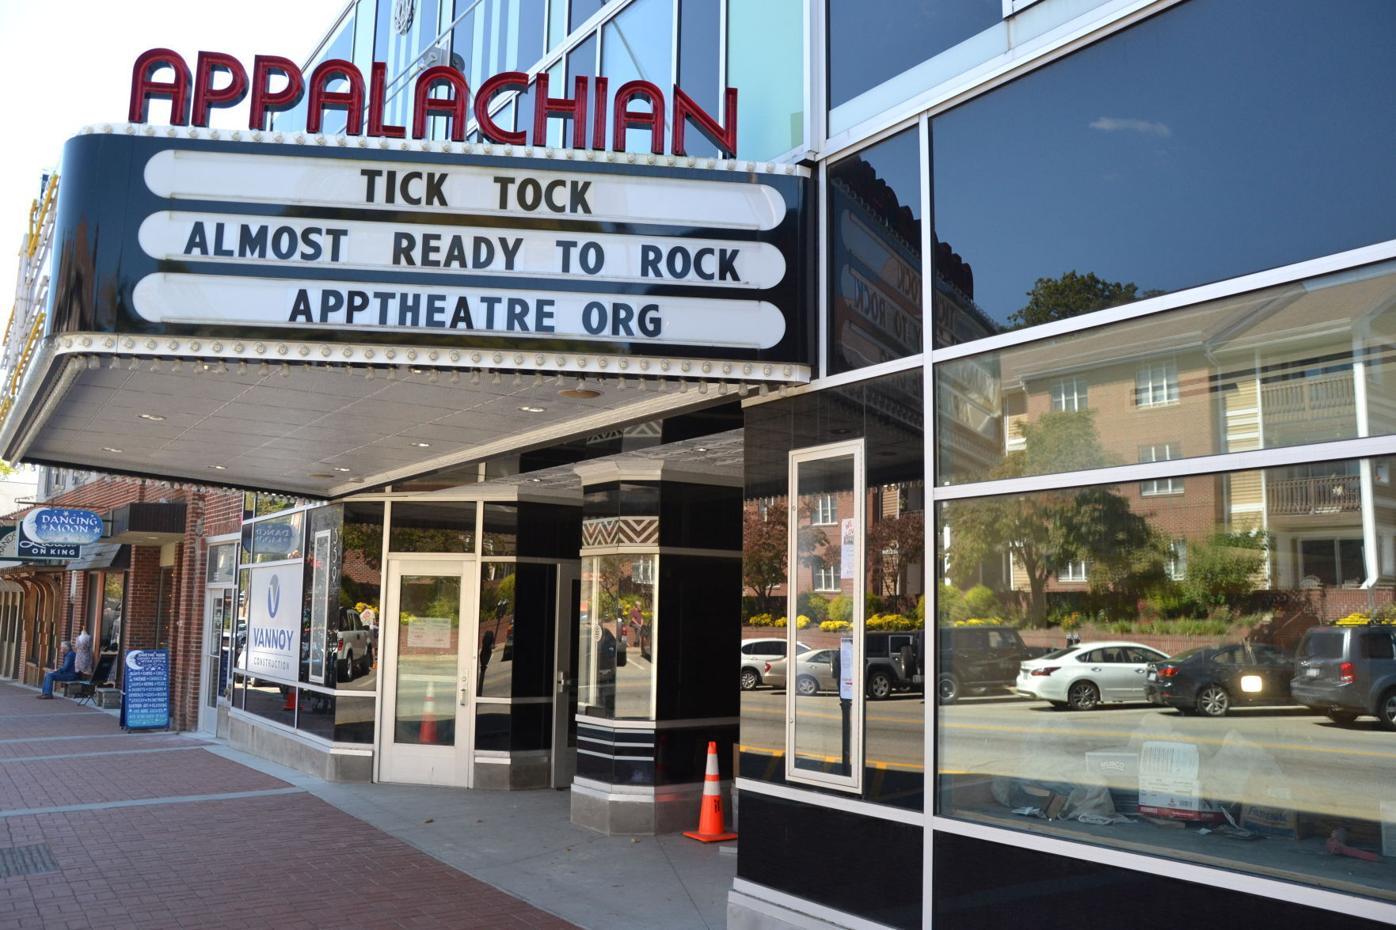 App Theatre